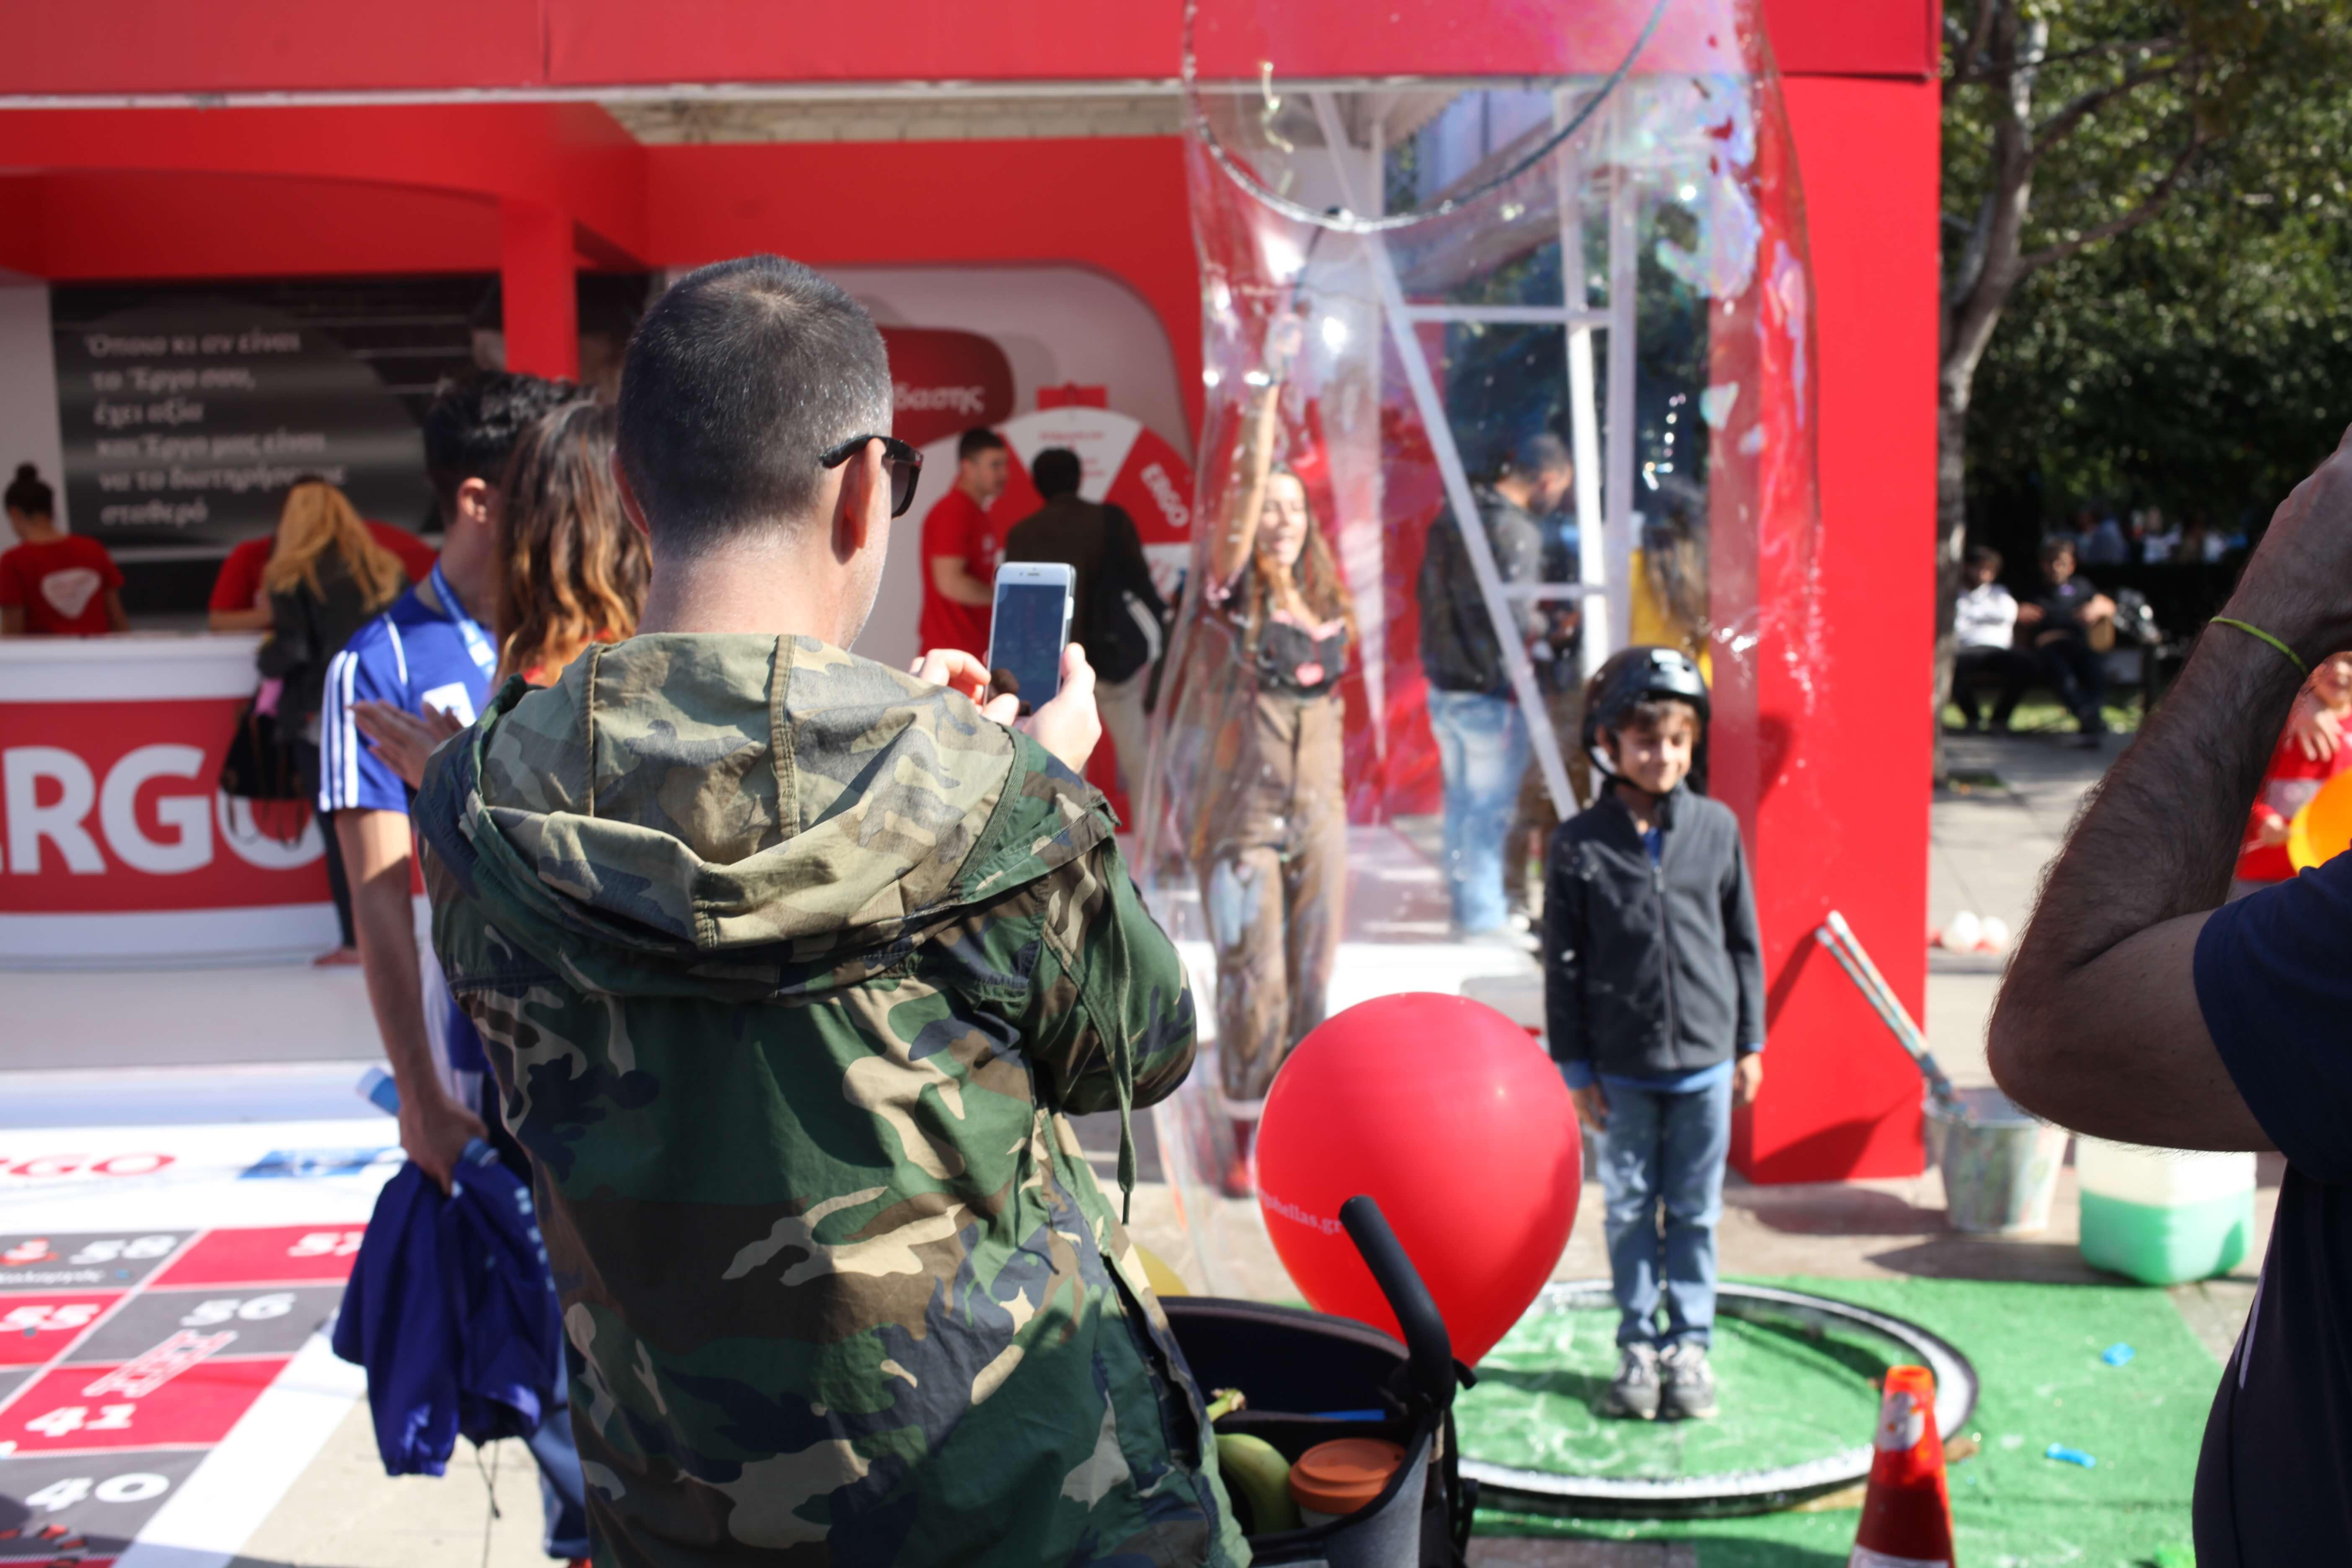 Μπουρμπουλήθρες Αυθεντικός Μαραθώνιος - Mr & Ms Bubble - Fabrica Athens